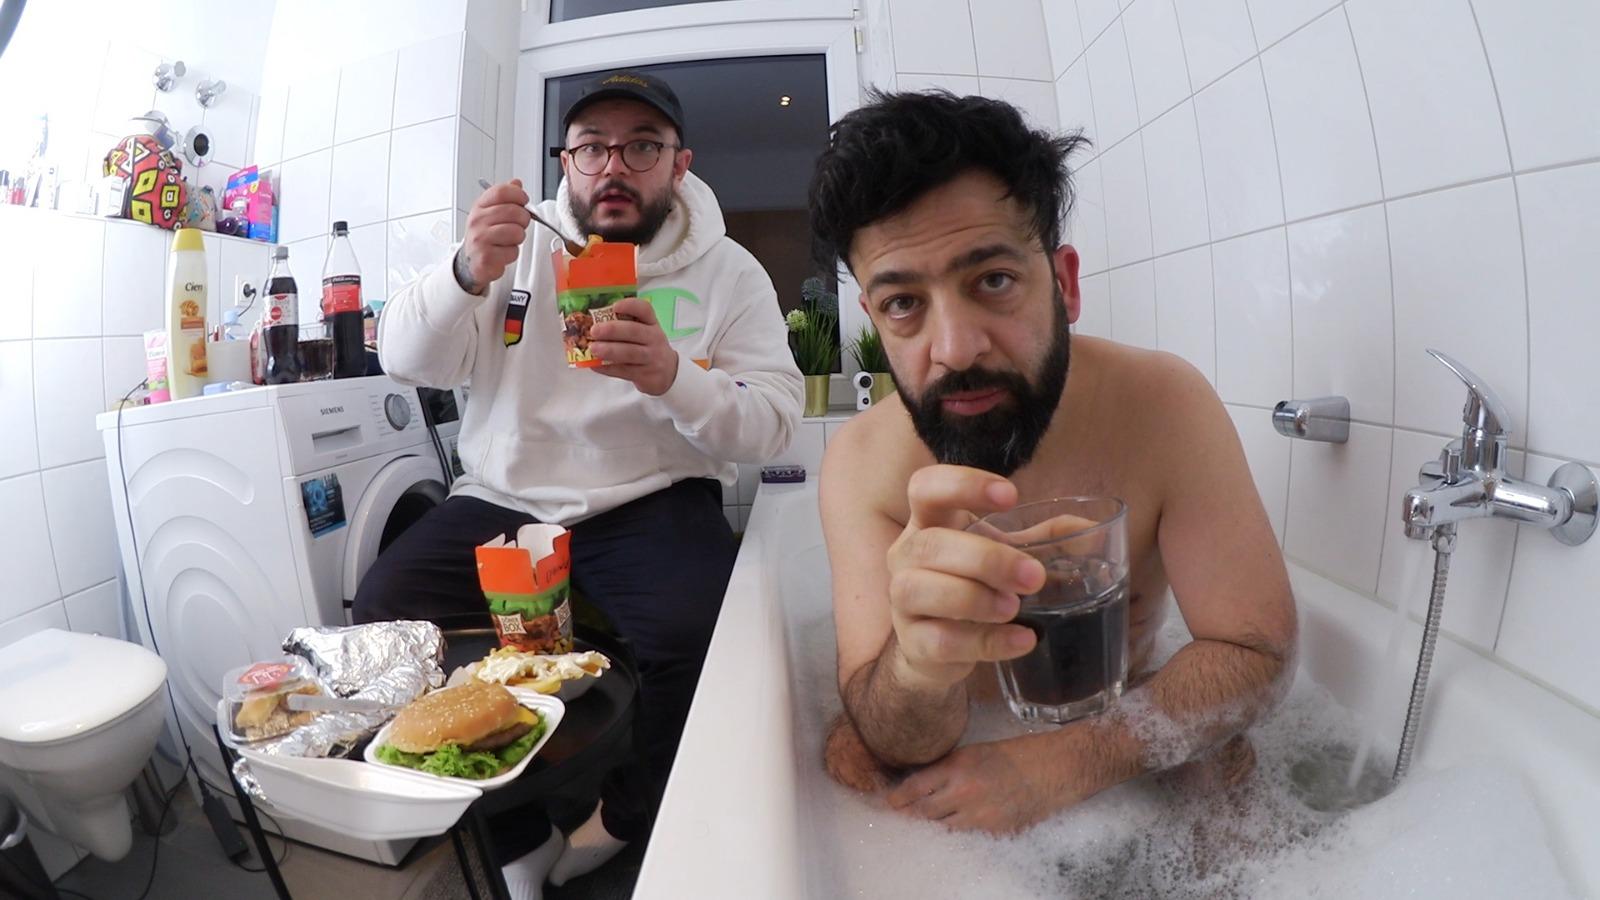 Rooz' Jahresrückblick feat. Memo: Realtalk über 2019 #waslos